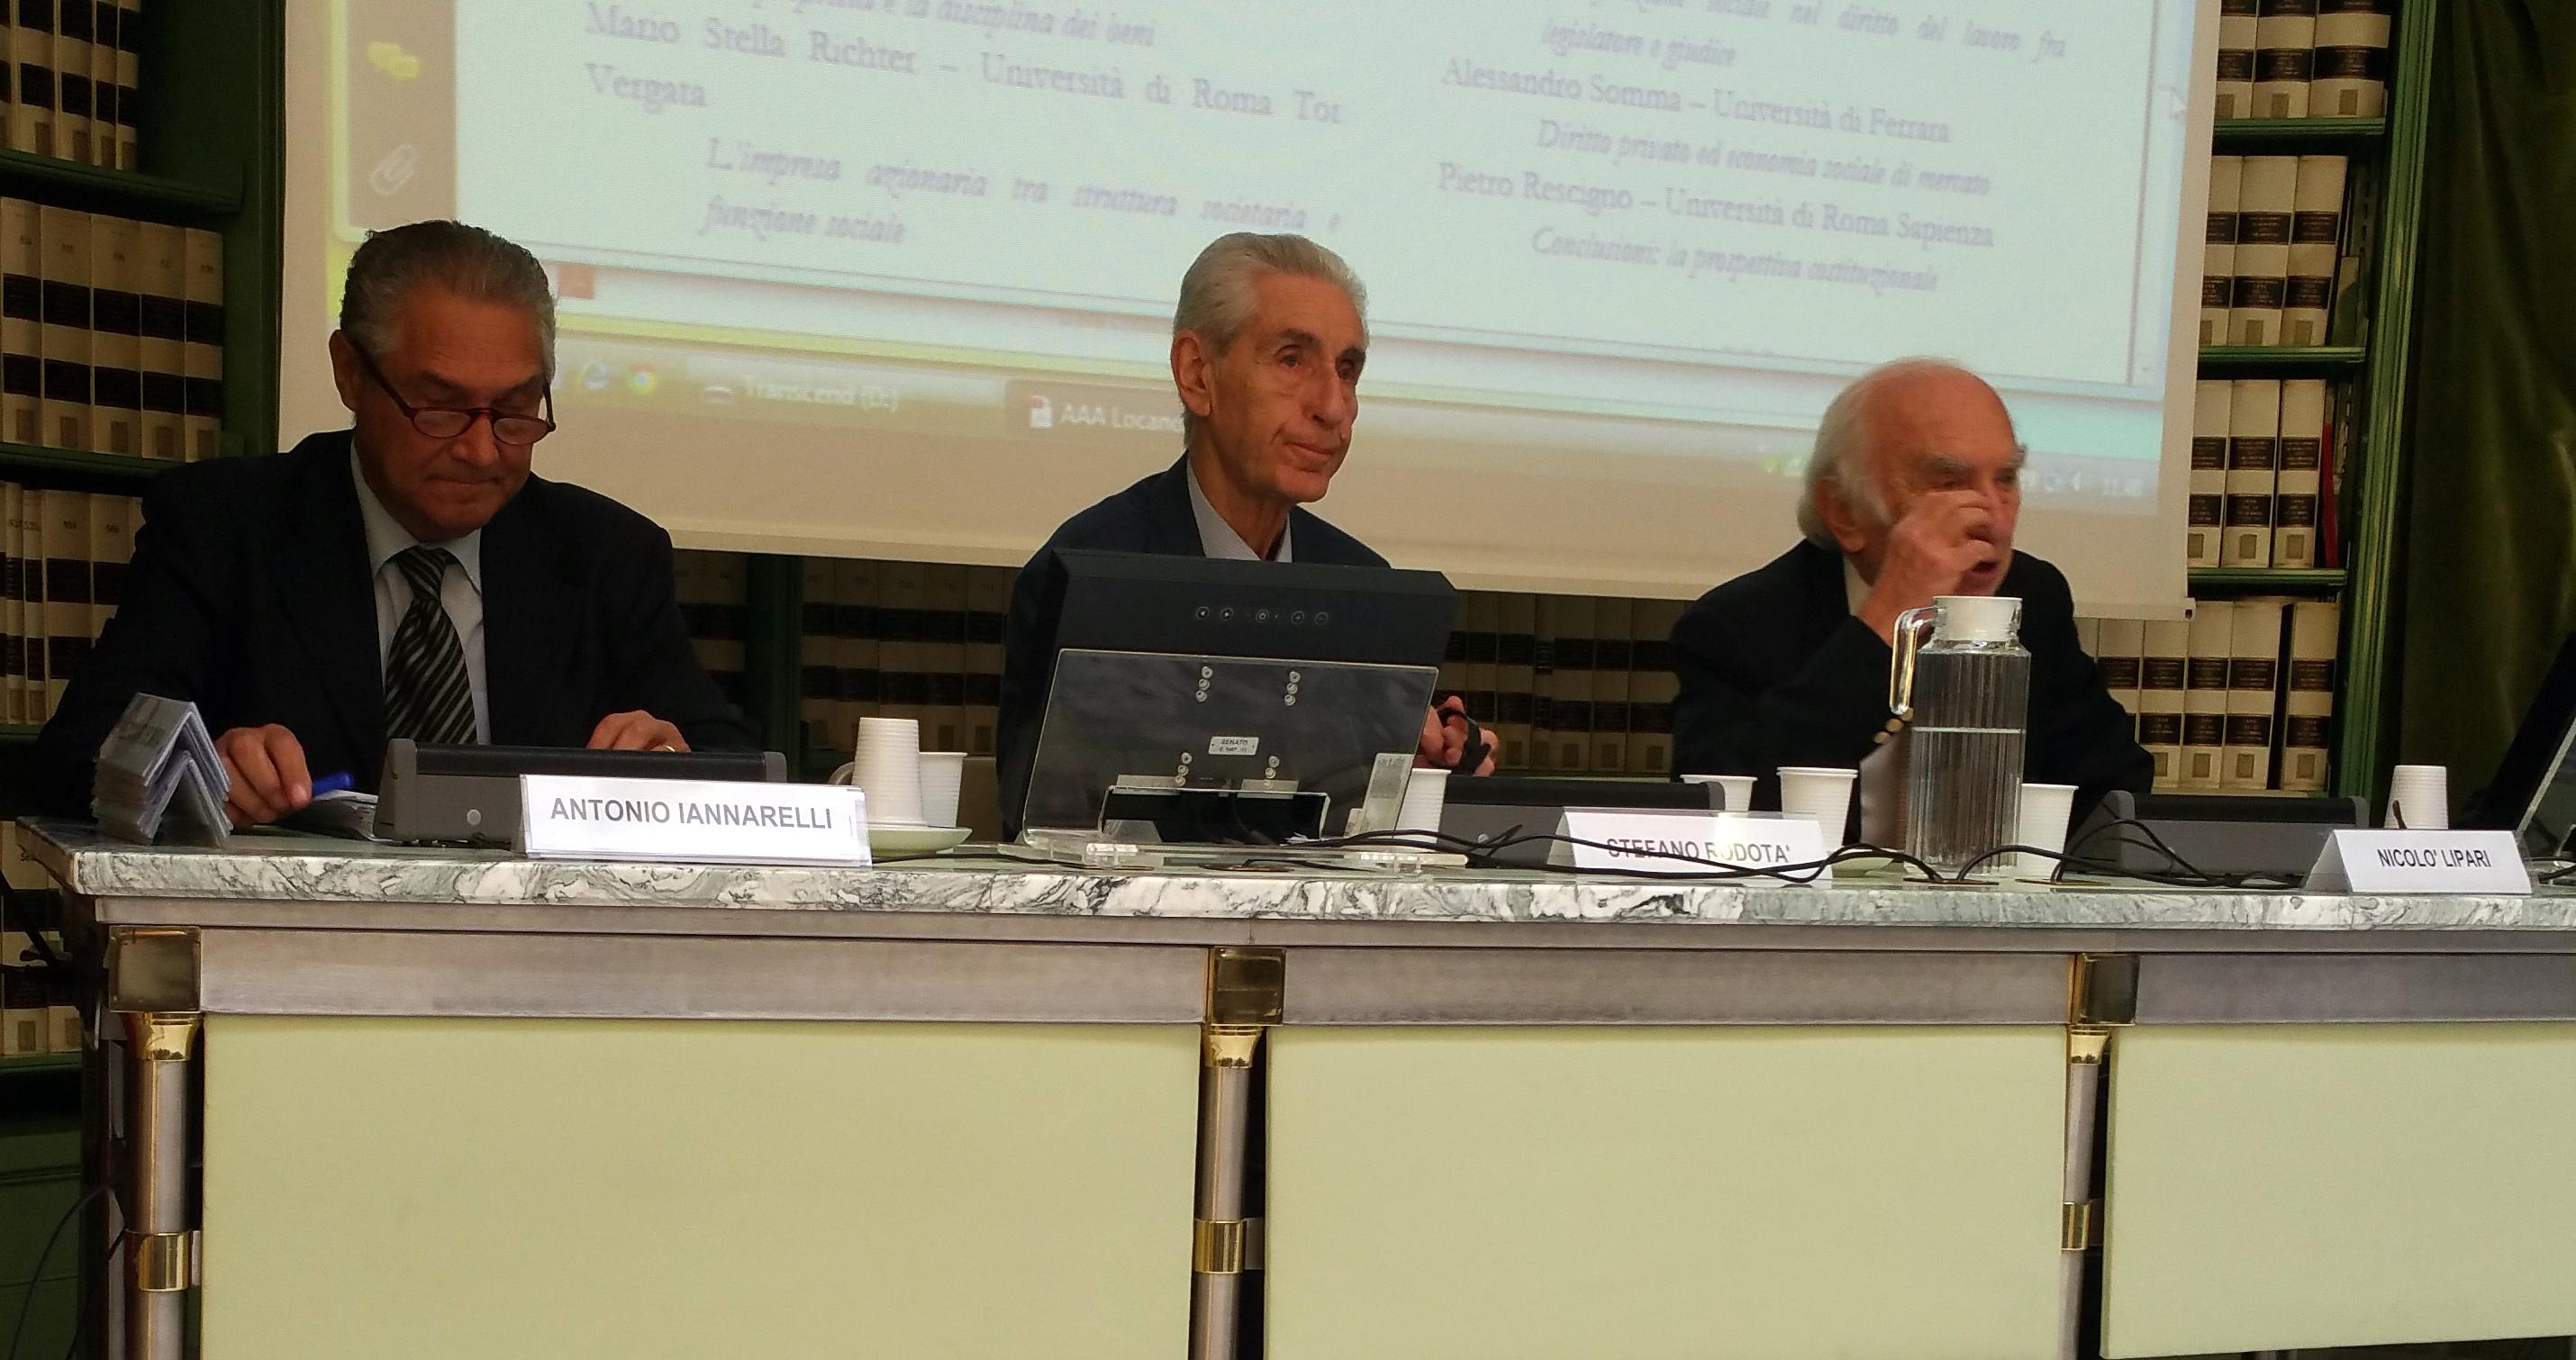 Da sinistra: Antonio Iannarelli, Stefano Rodotà e Nicolò Lipari